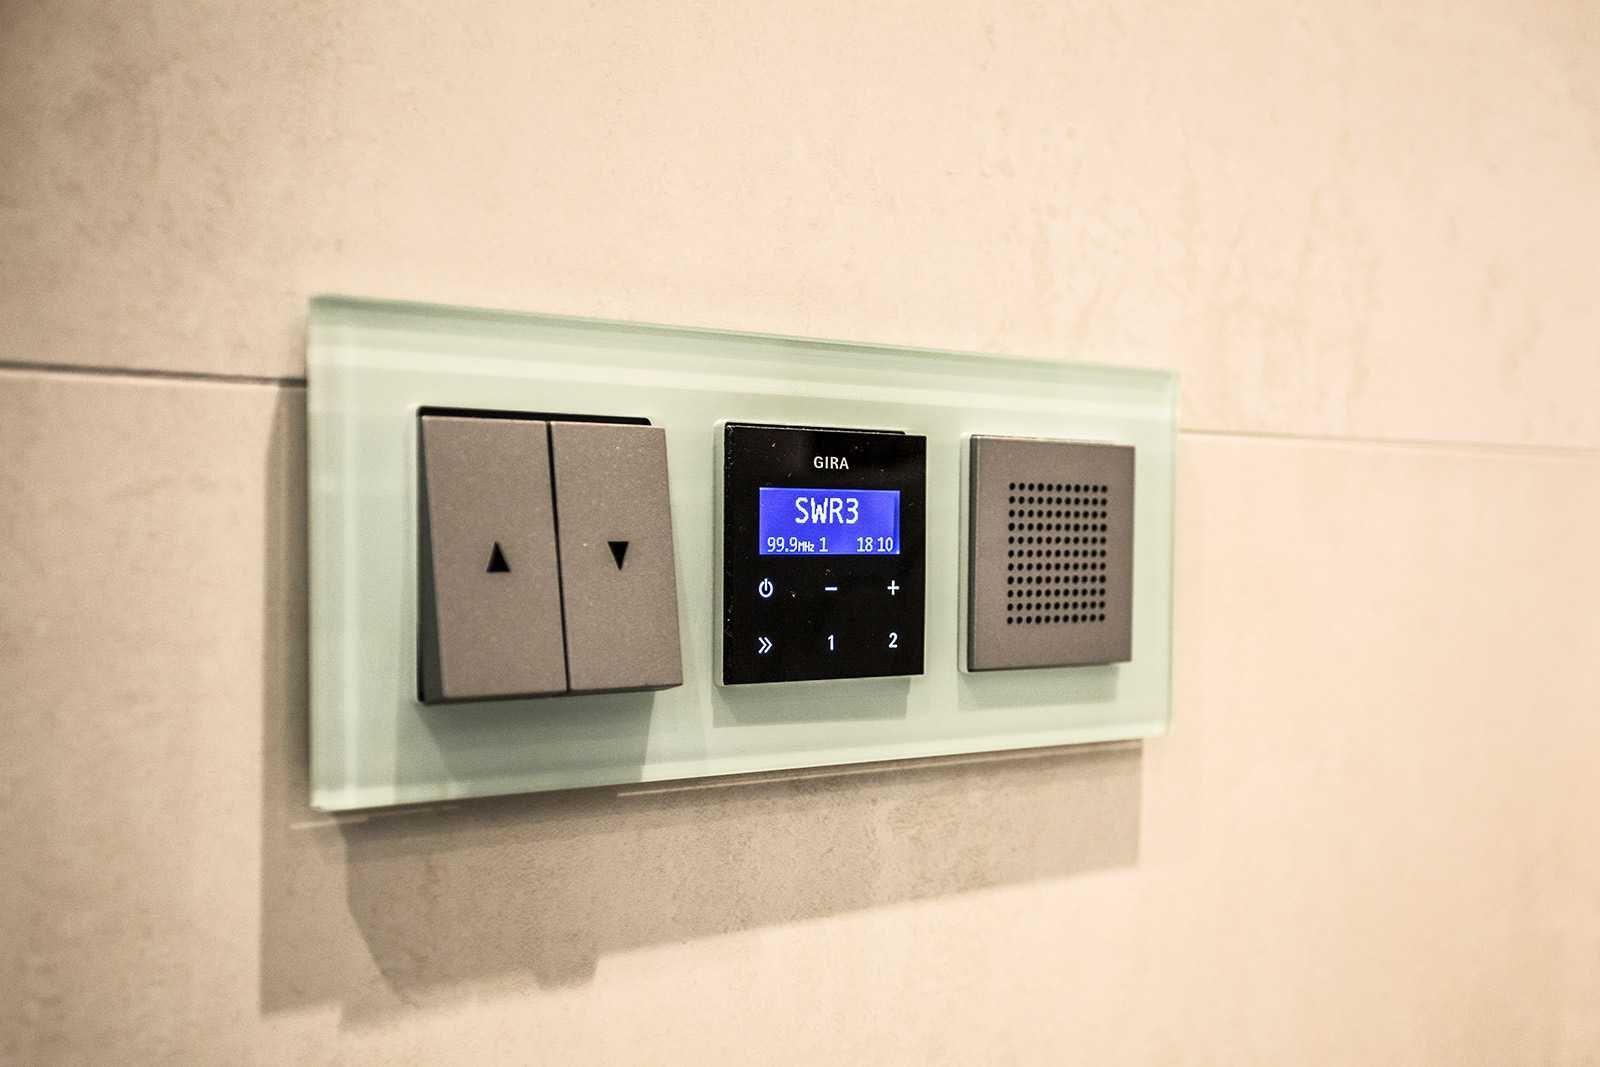 Radio Badezimmer | Integriertes Radio Mit Display Und Lautsprechern Furs Badezimmer